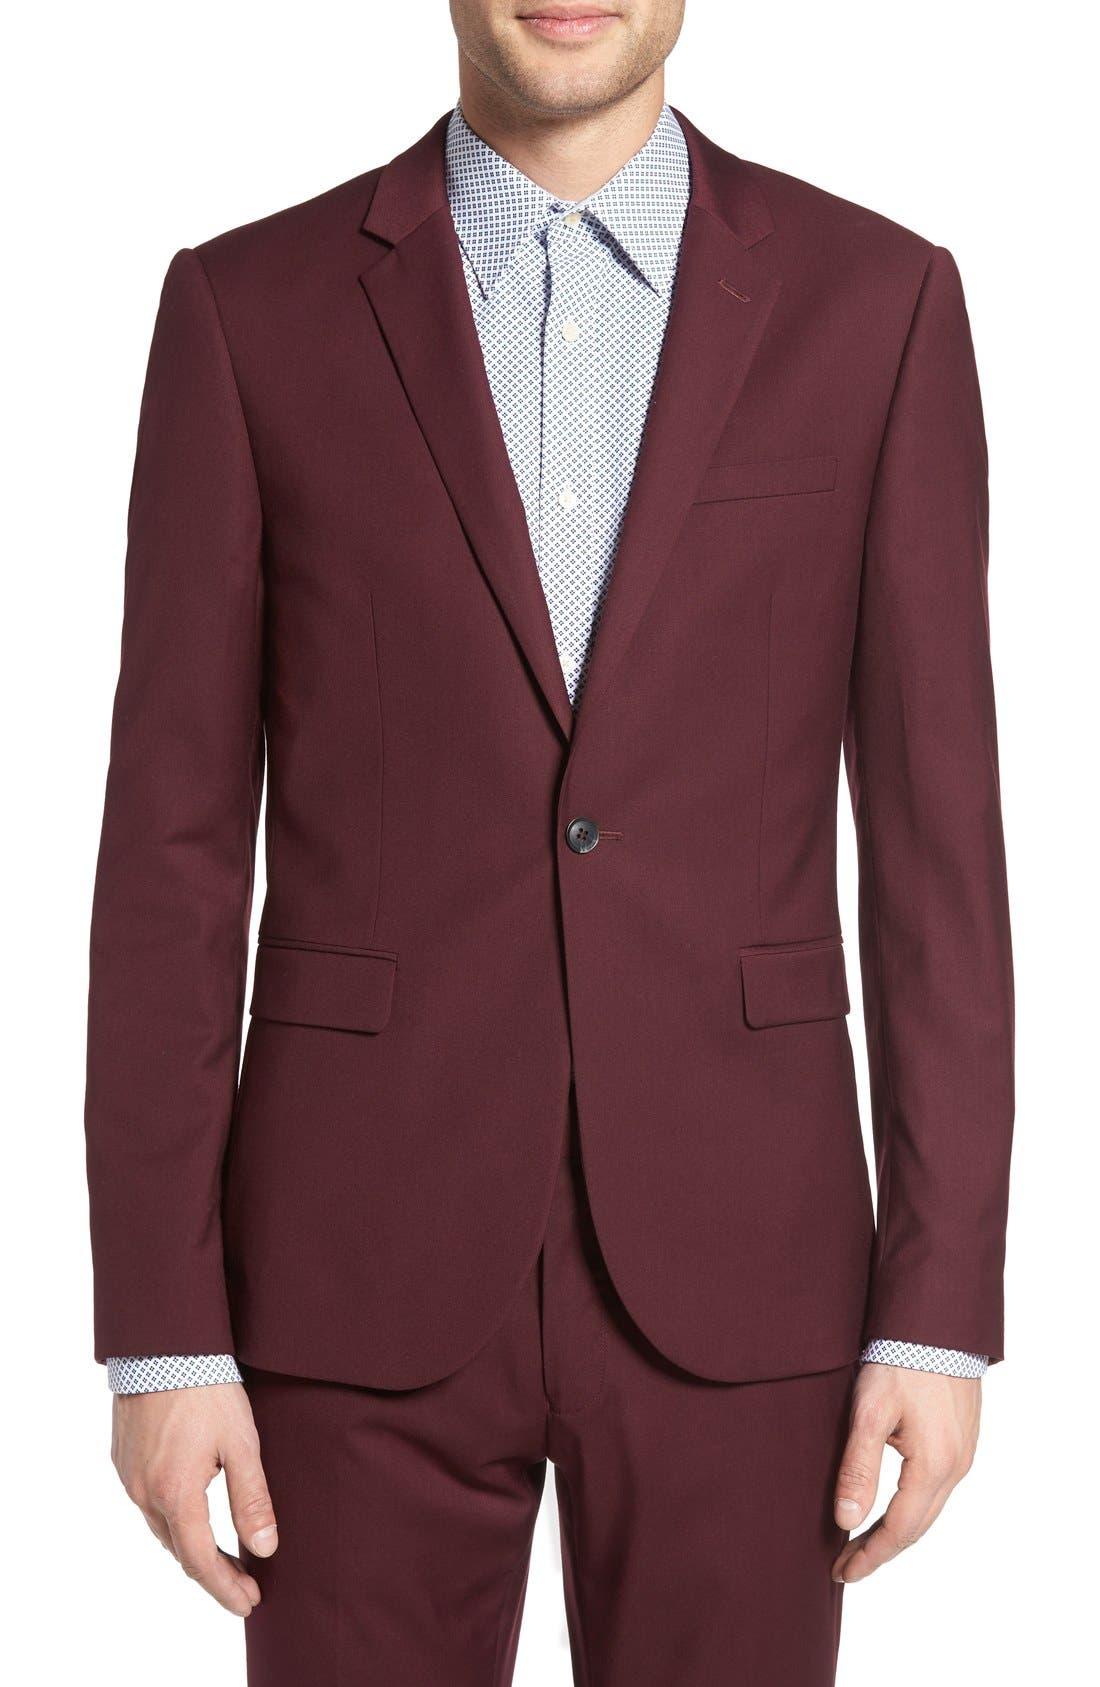 Burgundy Slim Fit Suit Jacket,                             Main thumbnail 1, color,                             930